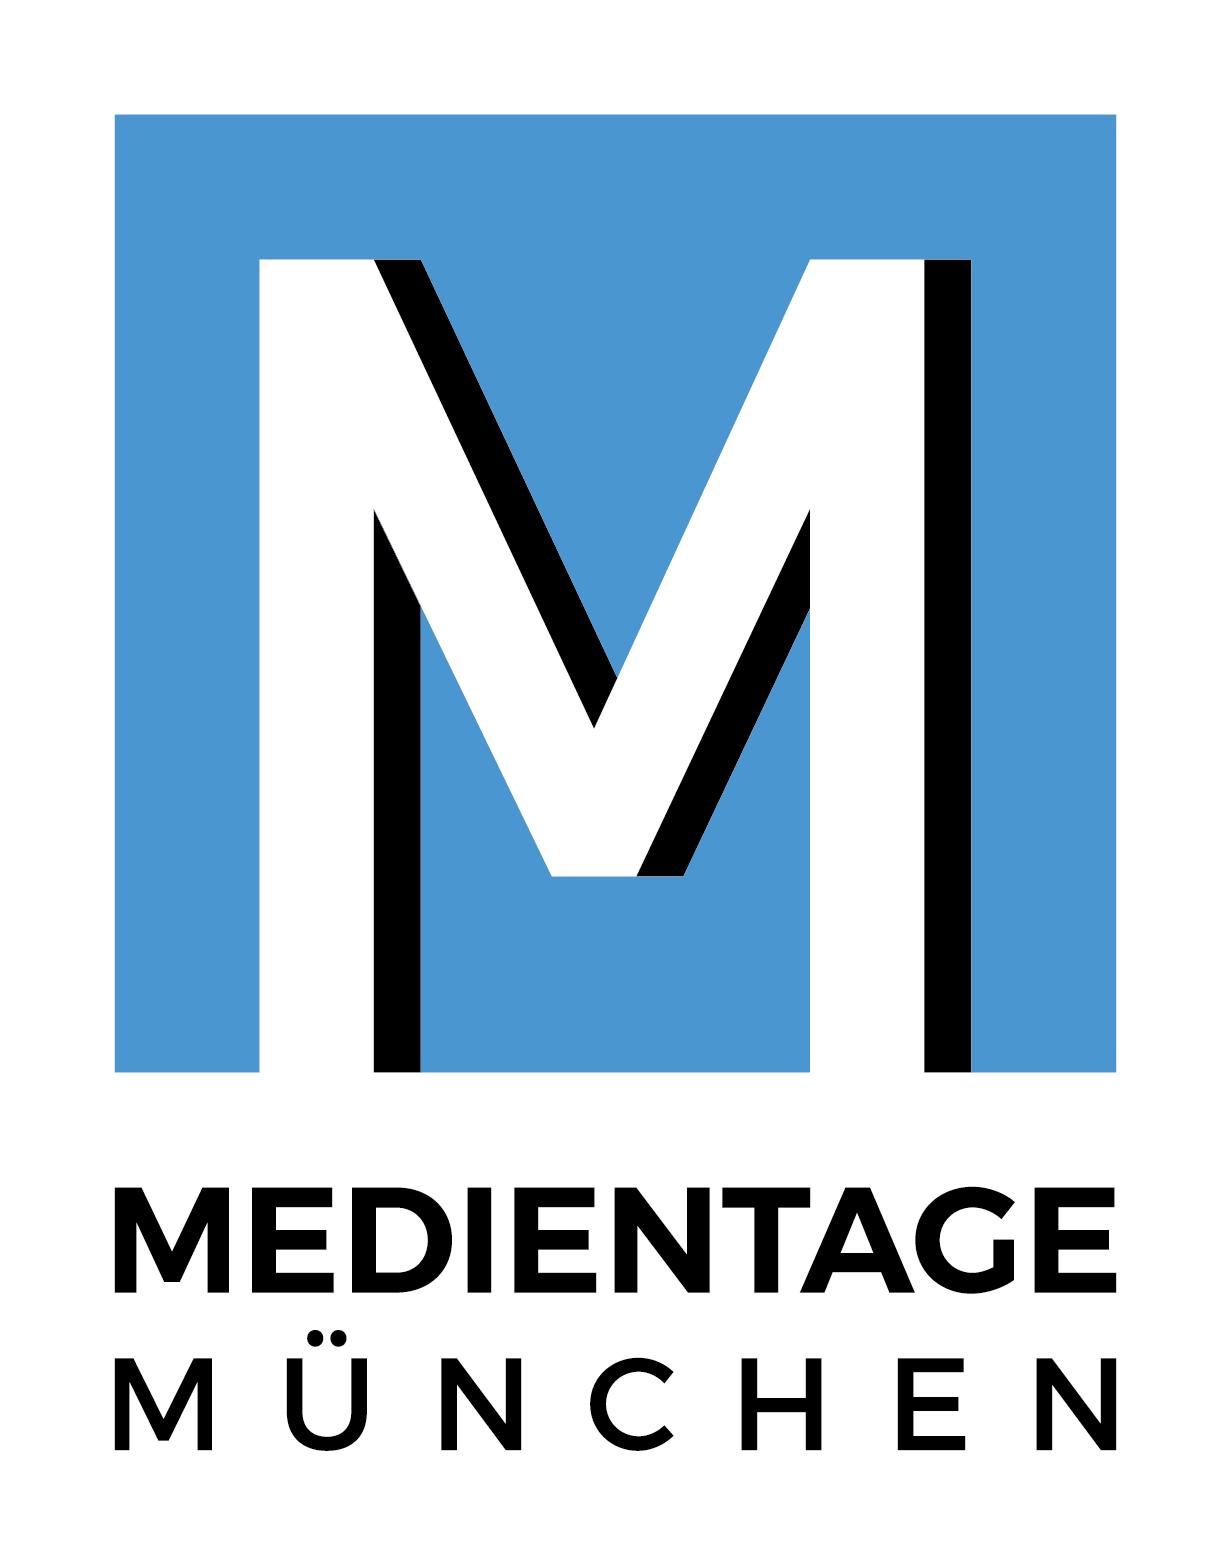 Medientage München 2020